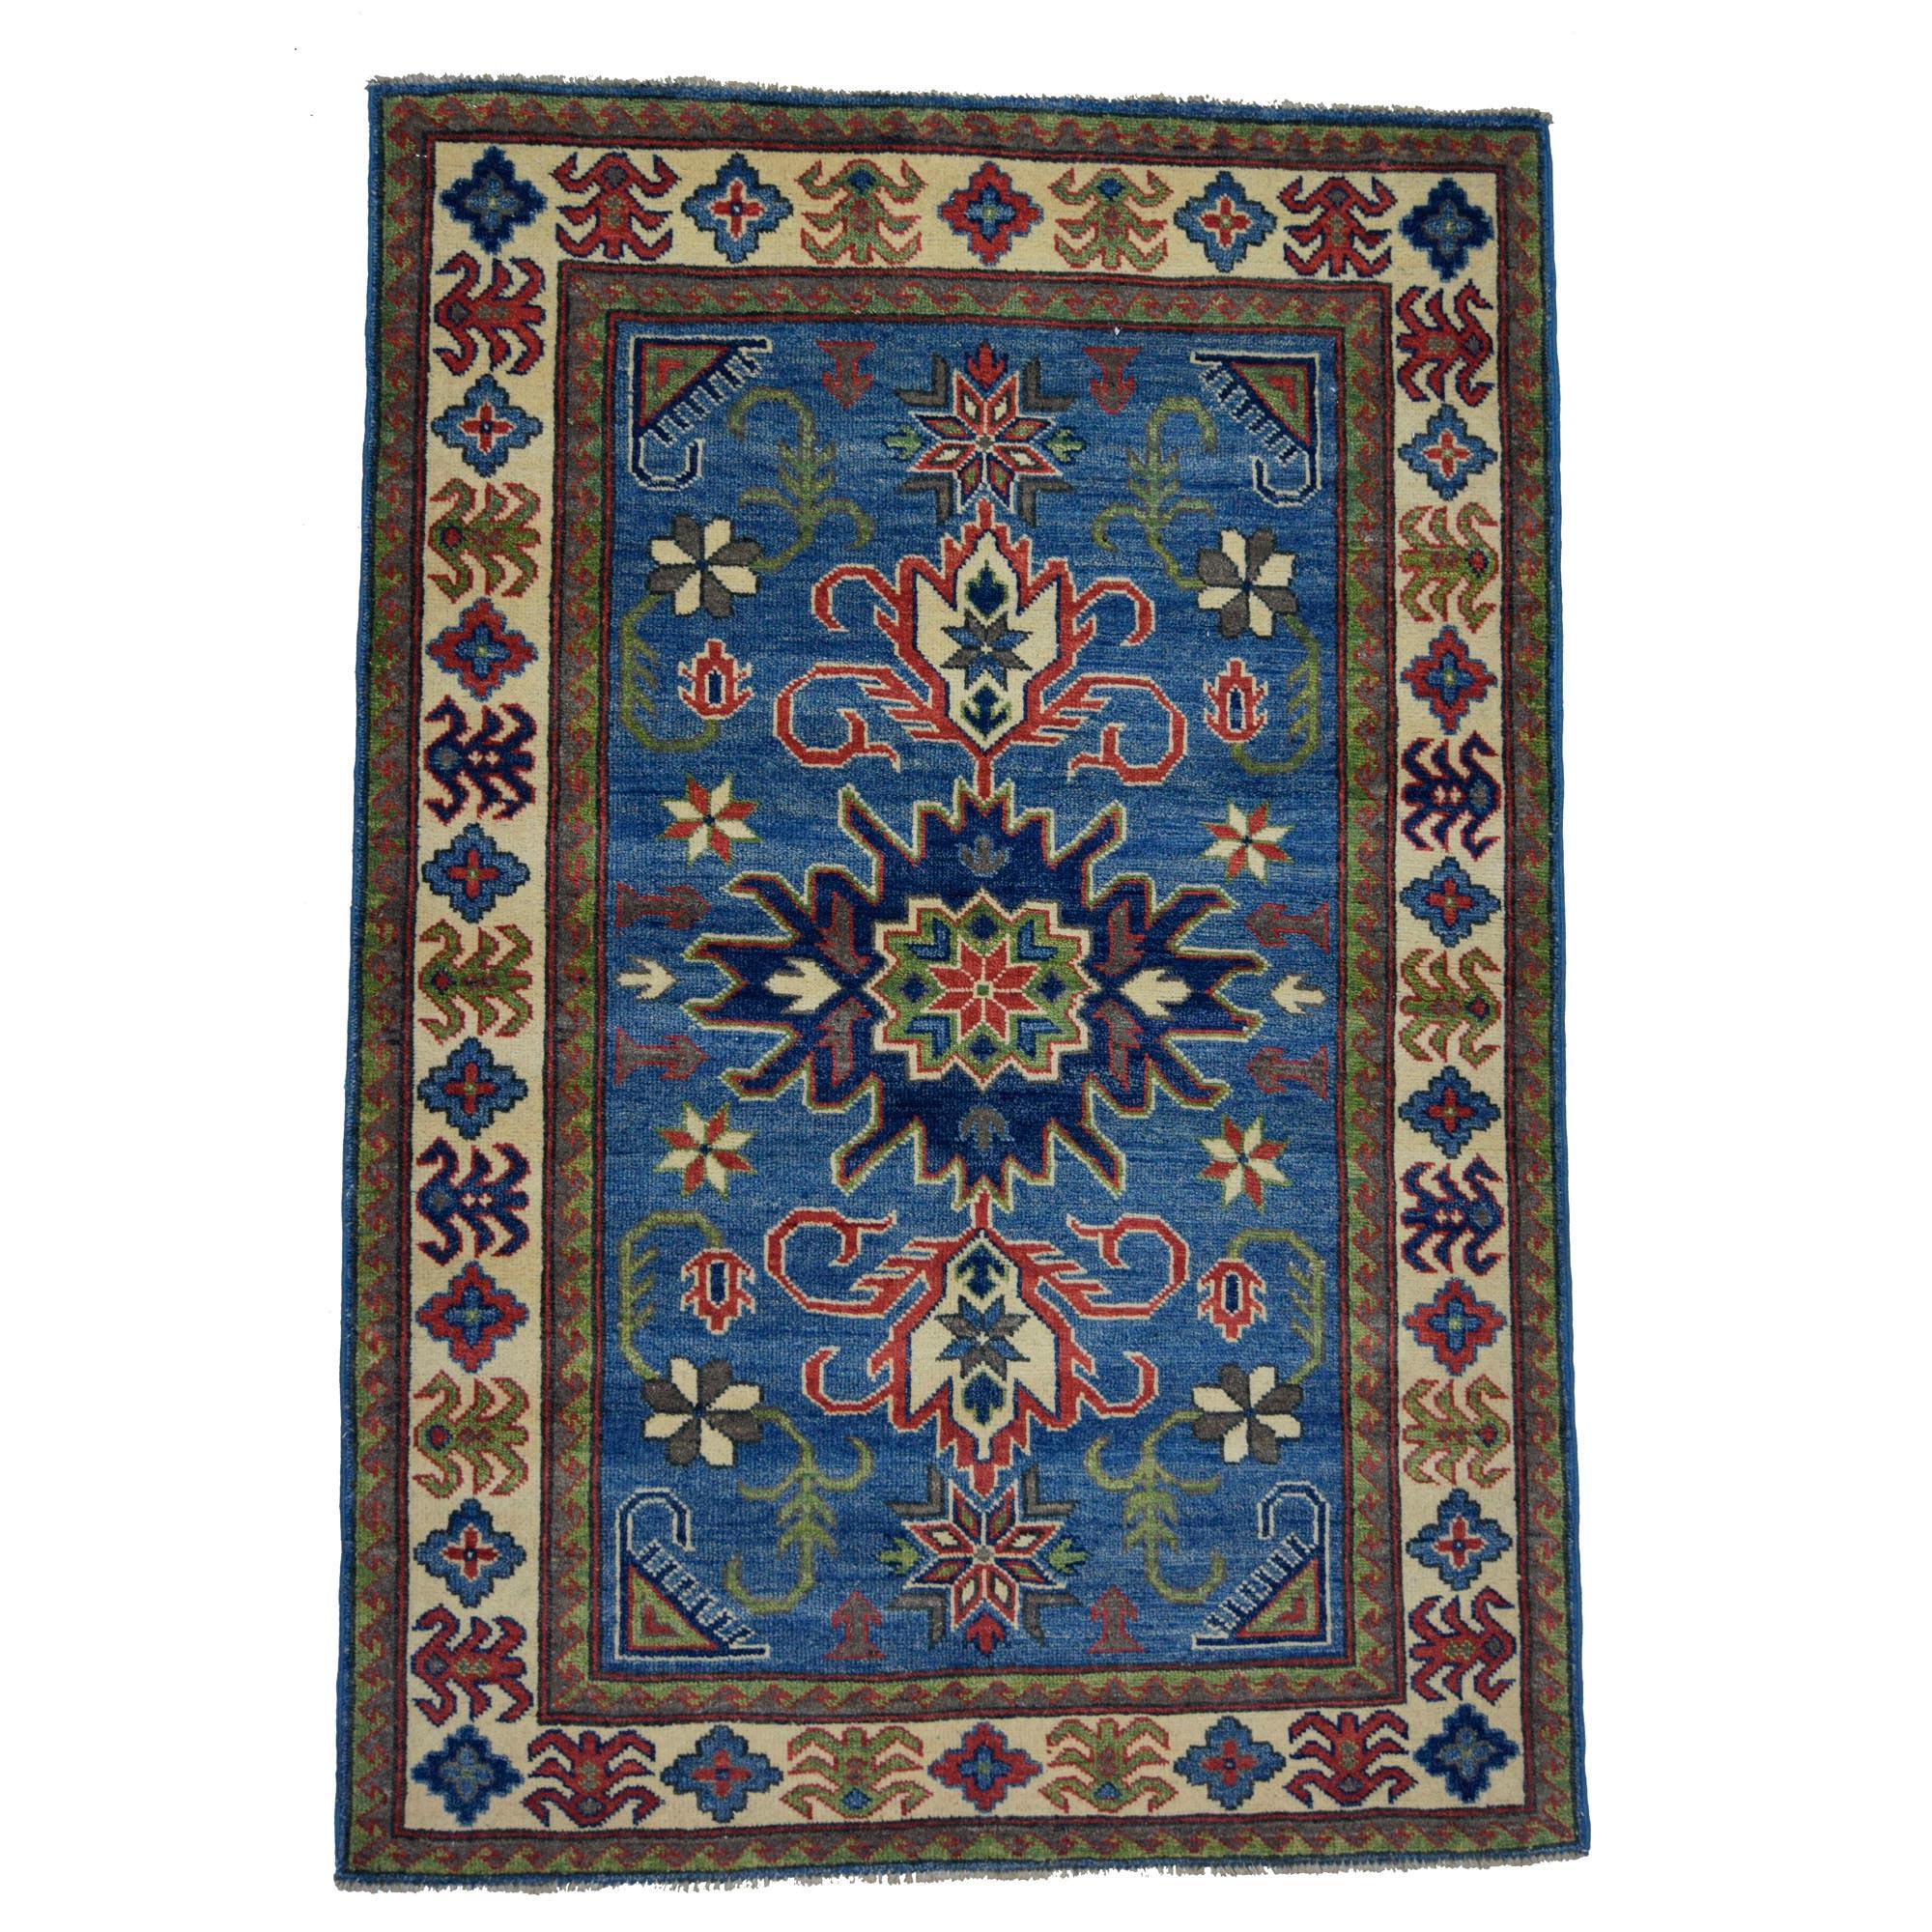 Nomad Rugs :: Kazak 151 X 103 Cm Nomad Wool Rug   Discount Persian Rugs,  Oriental Rugs